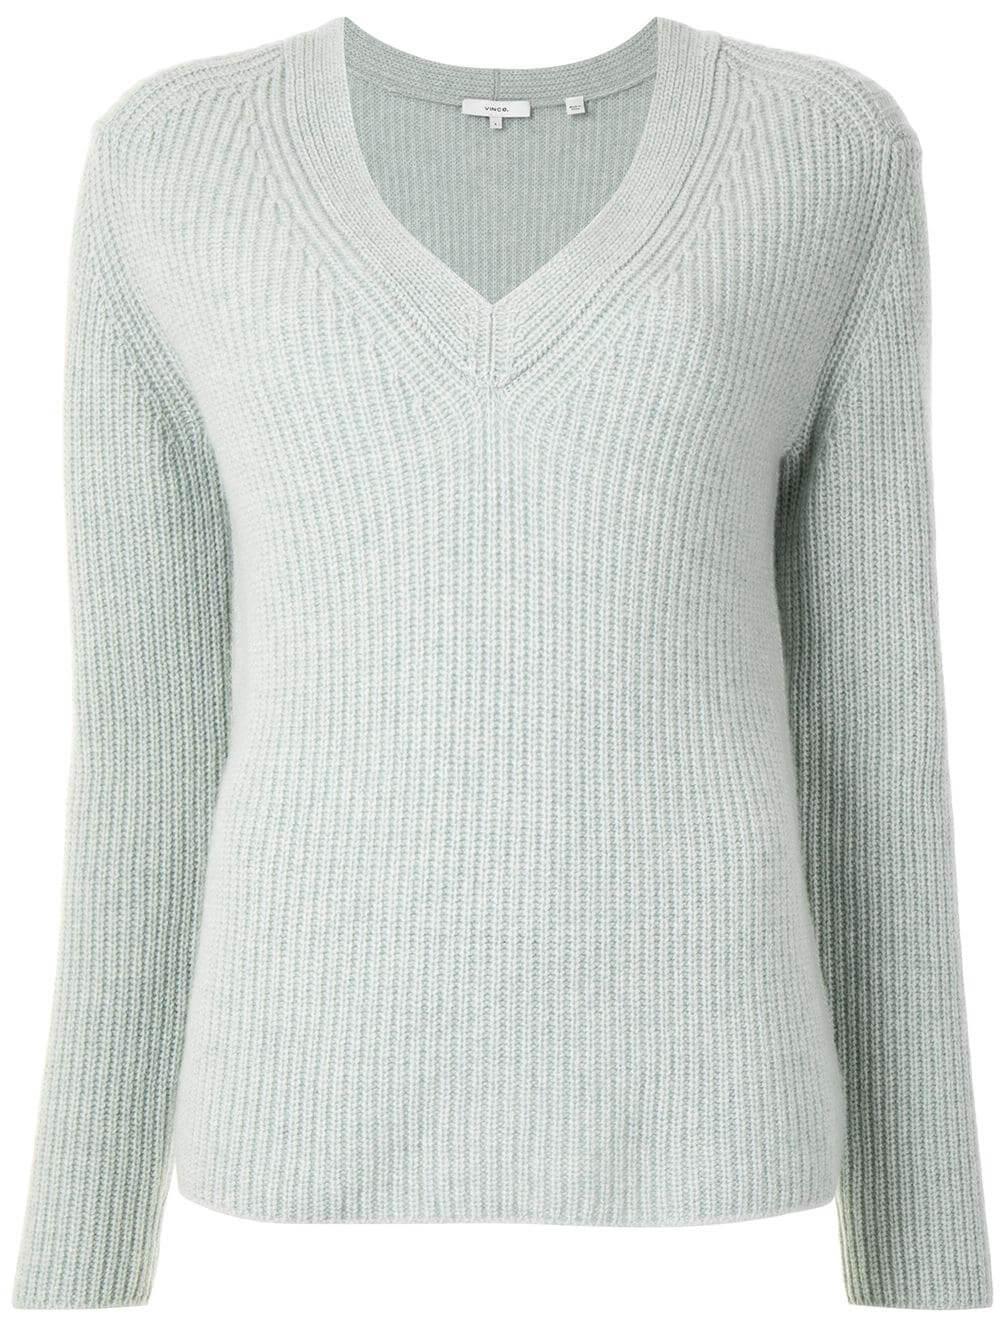 Shaker Rib Knit Cashmere Sweater Item # V695378516